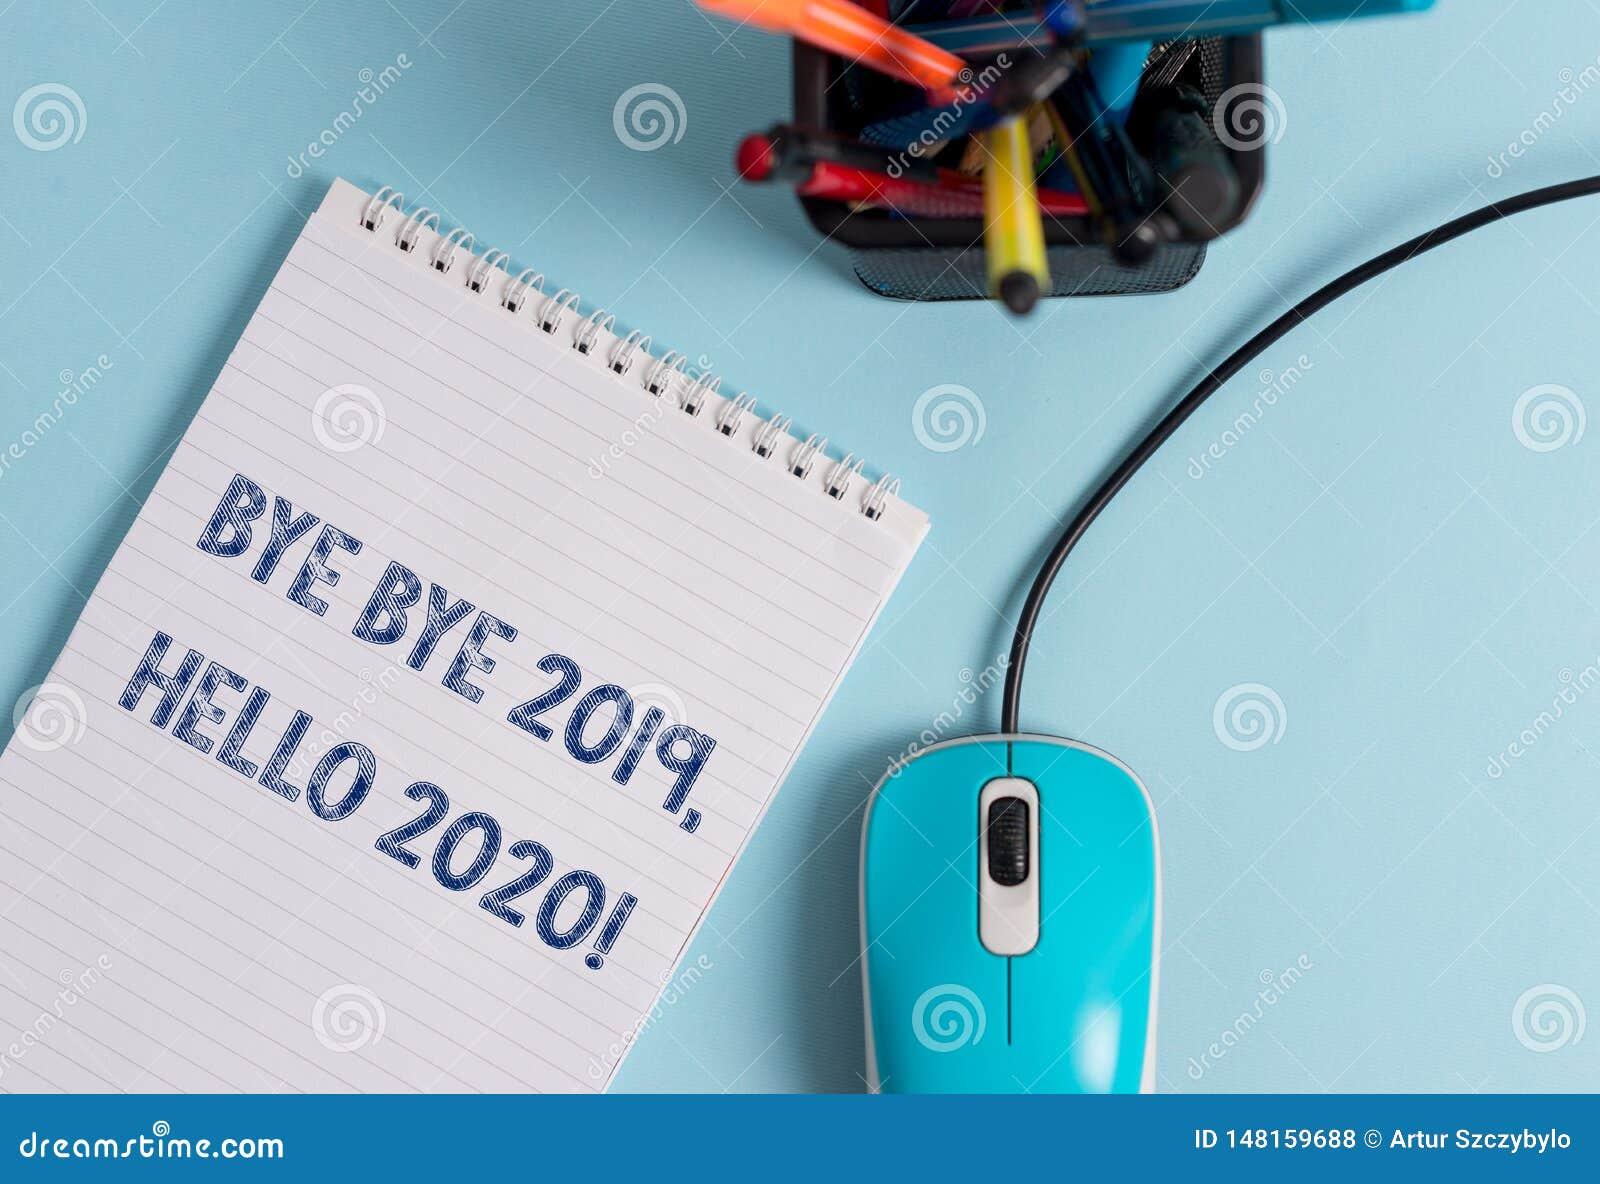 Konceptualna r?ka pisze pokazywa? walkower - walkower 2019 2020 Cze?? Biznesowa fotografia pokazuje m?wi? ostatni rok do widzenia